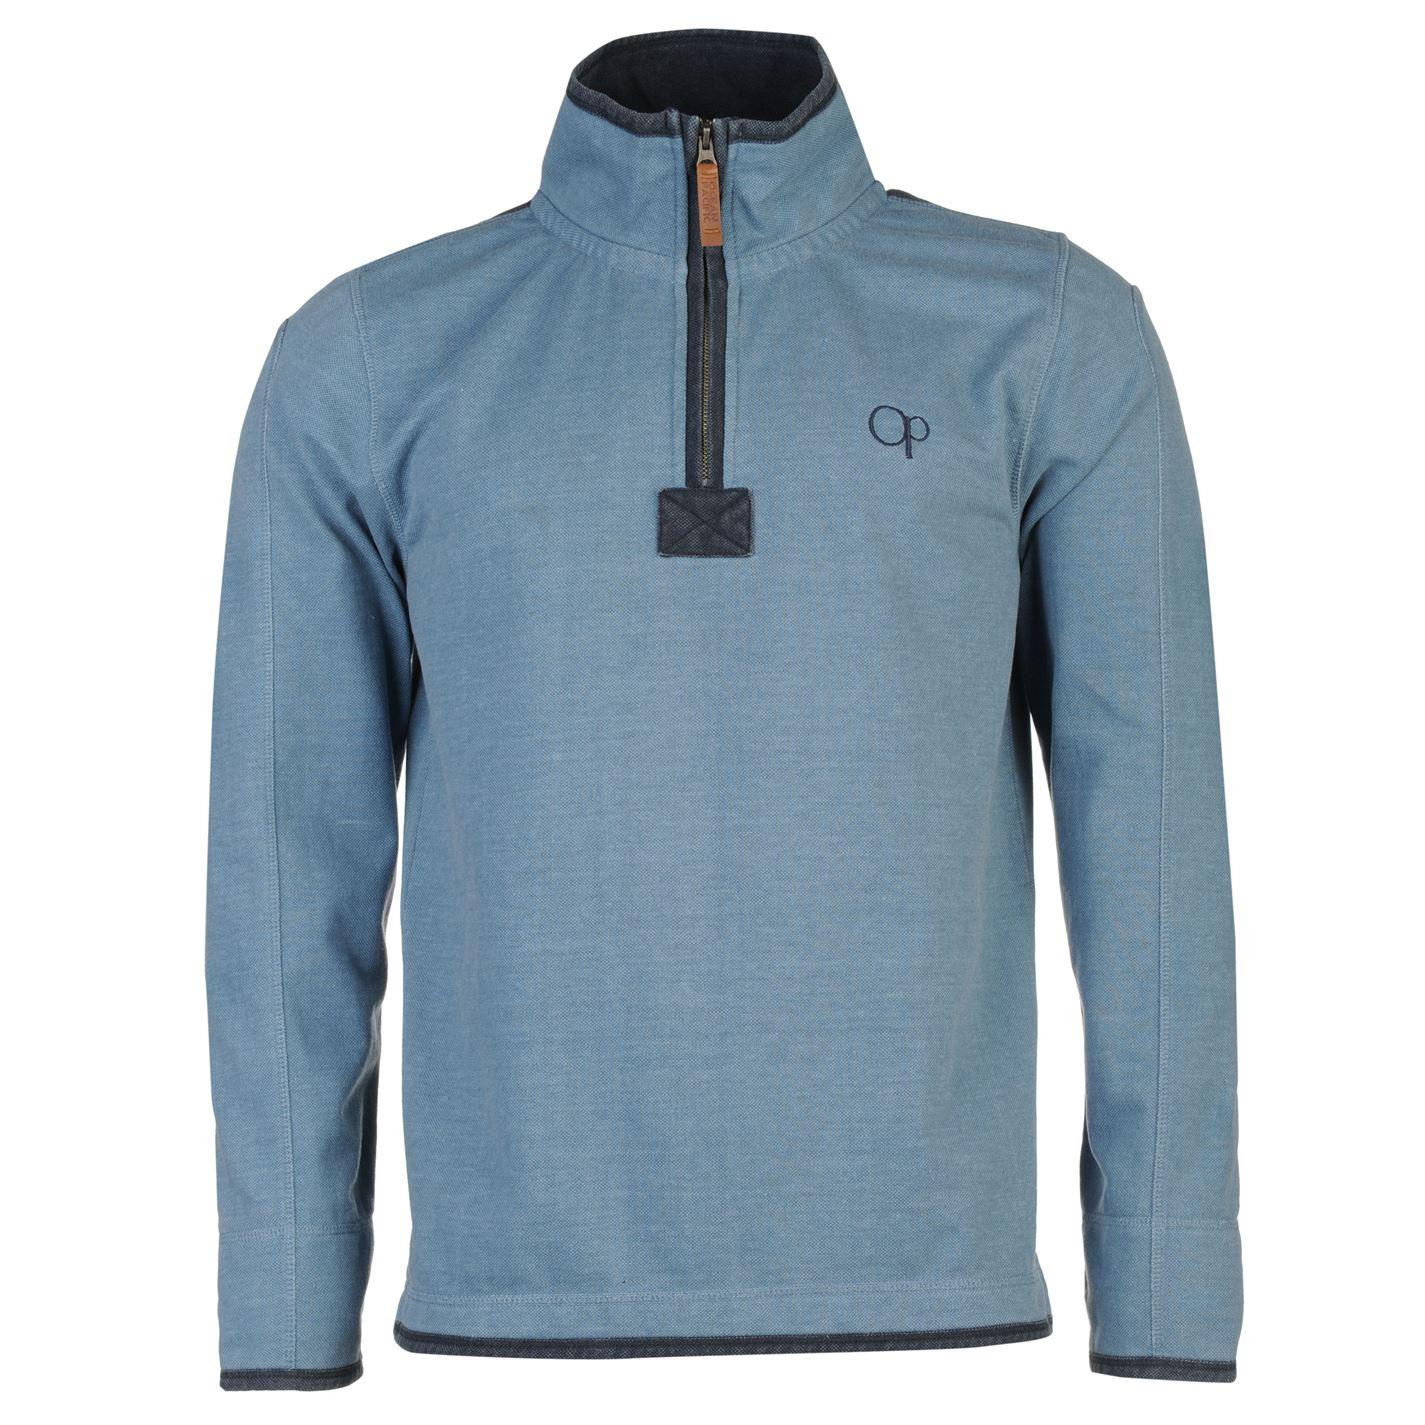 Ocean Pacific Quarter Pique Sweater Mens